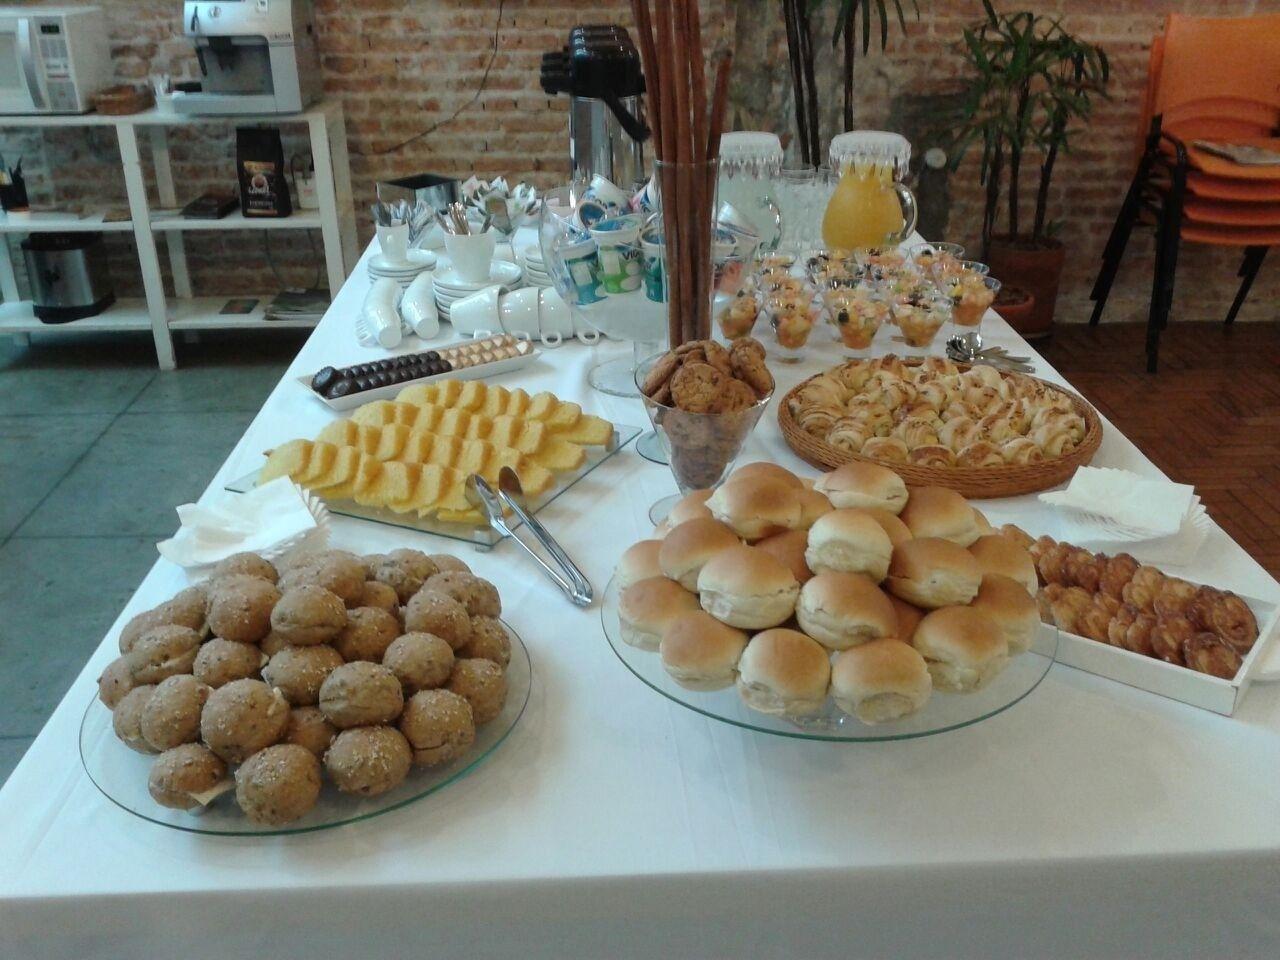 Serviços de Buffet em Domicilio para Evento na Vila Graciosa - Buffet a Domicílio Zona Norte